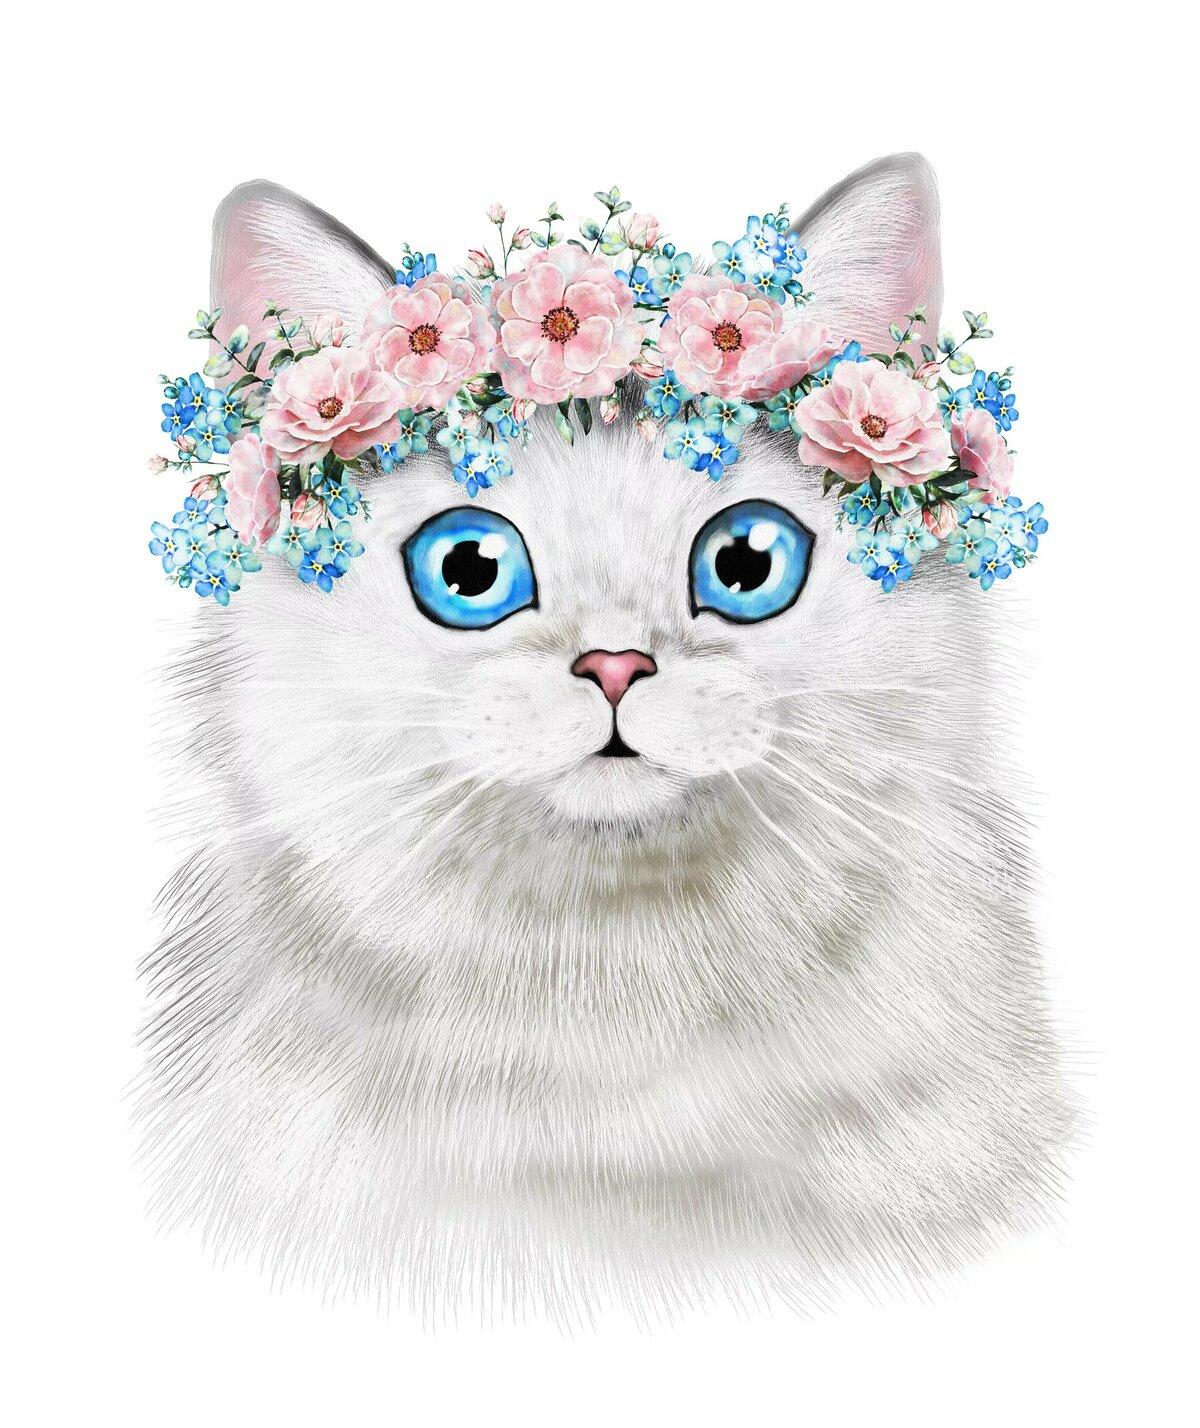 Копировать картинки кошек